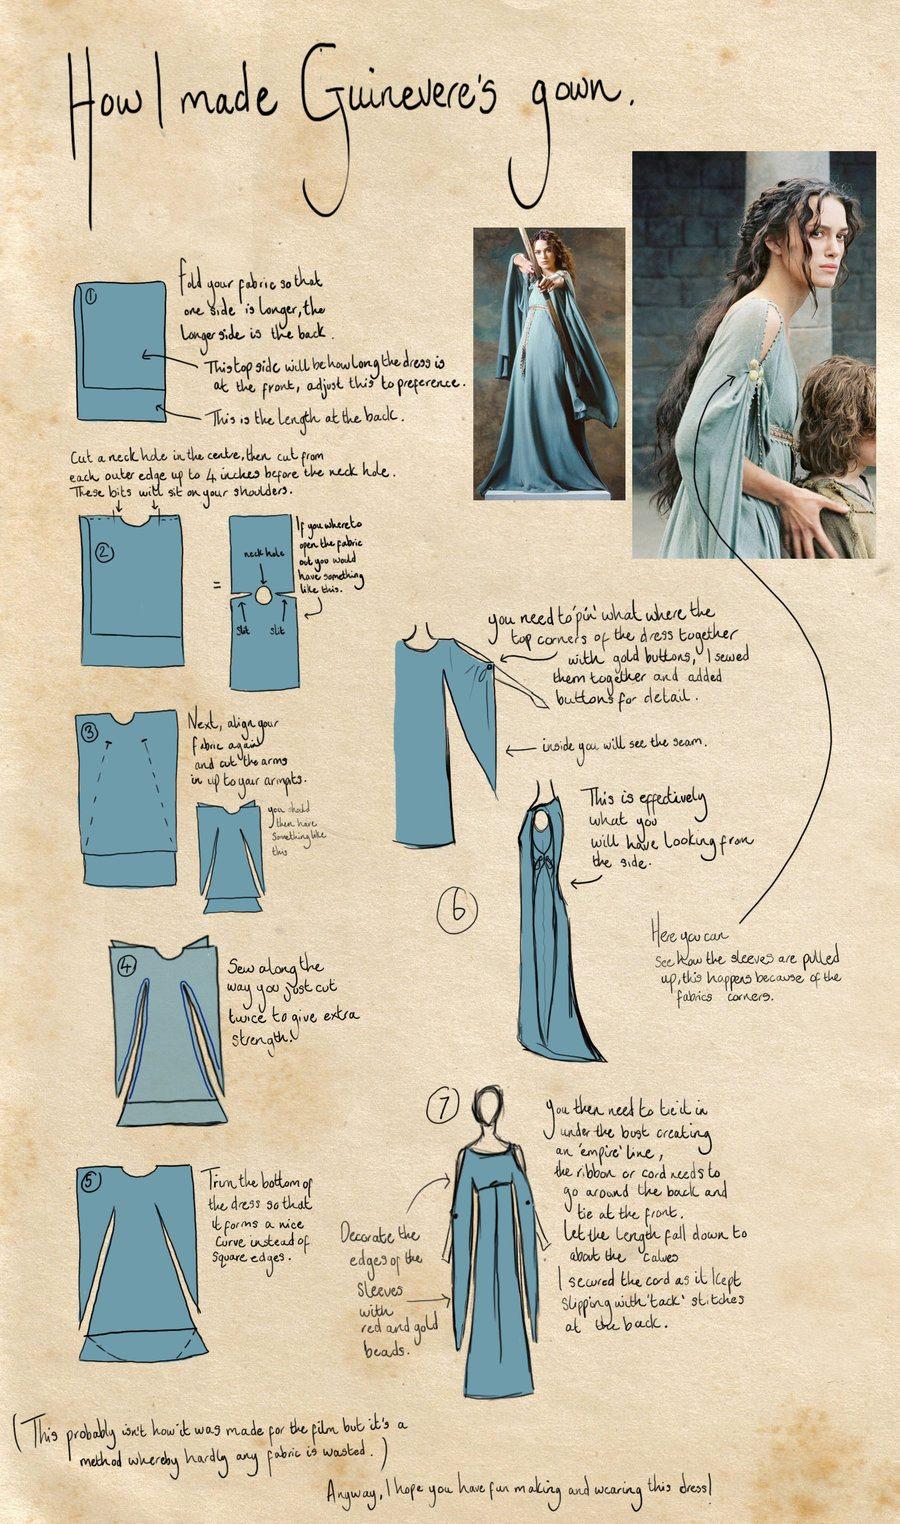 красивое платье, сказочное платье, женская одежда, шитье, шитье для начинающих, шитье одежды, шьём легко, нарядная одежда,